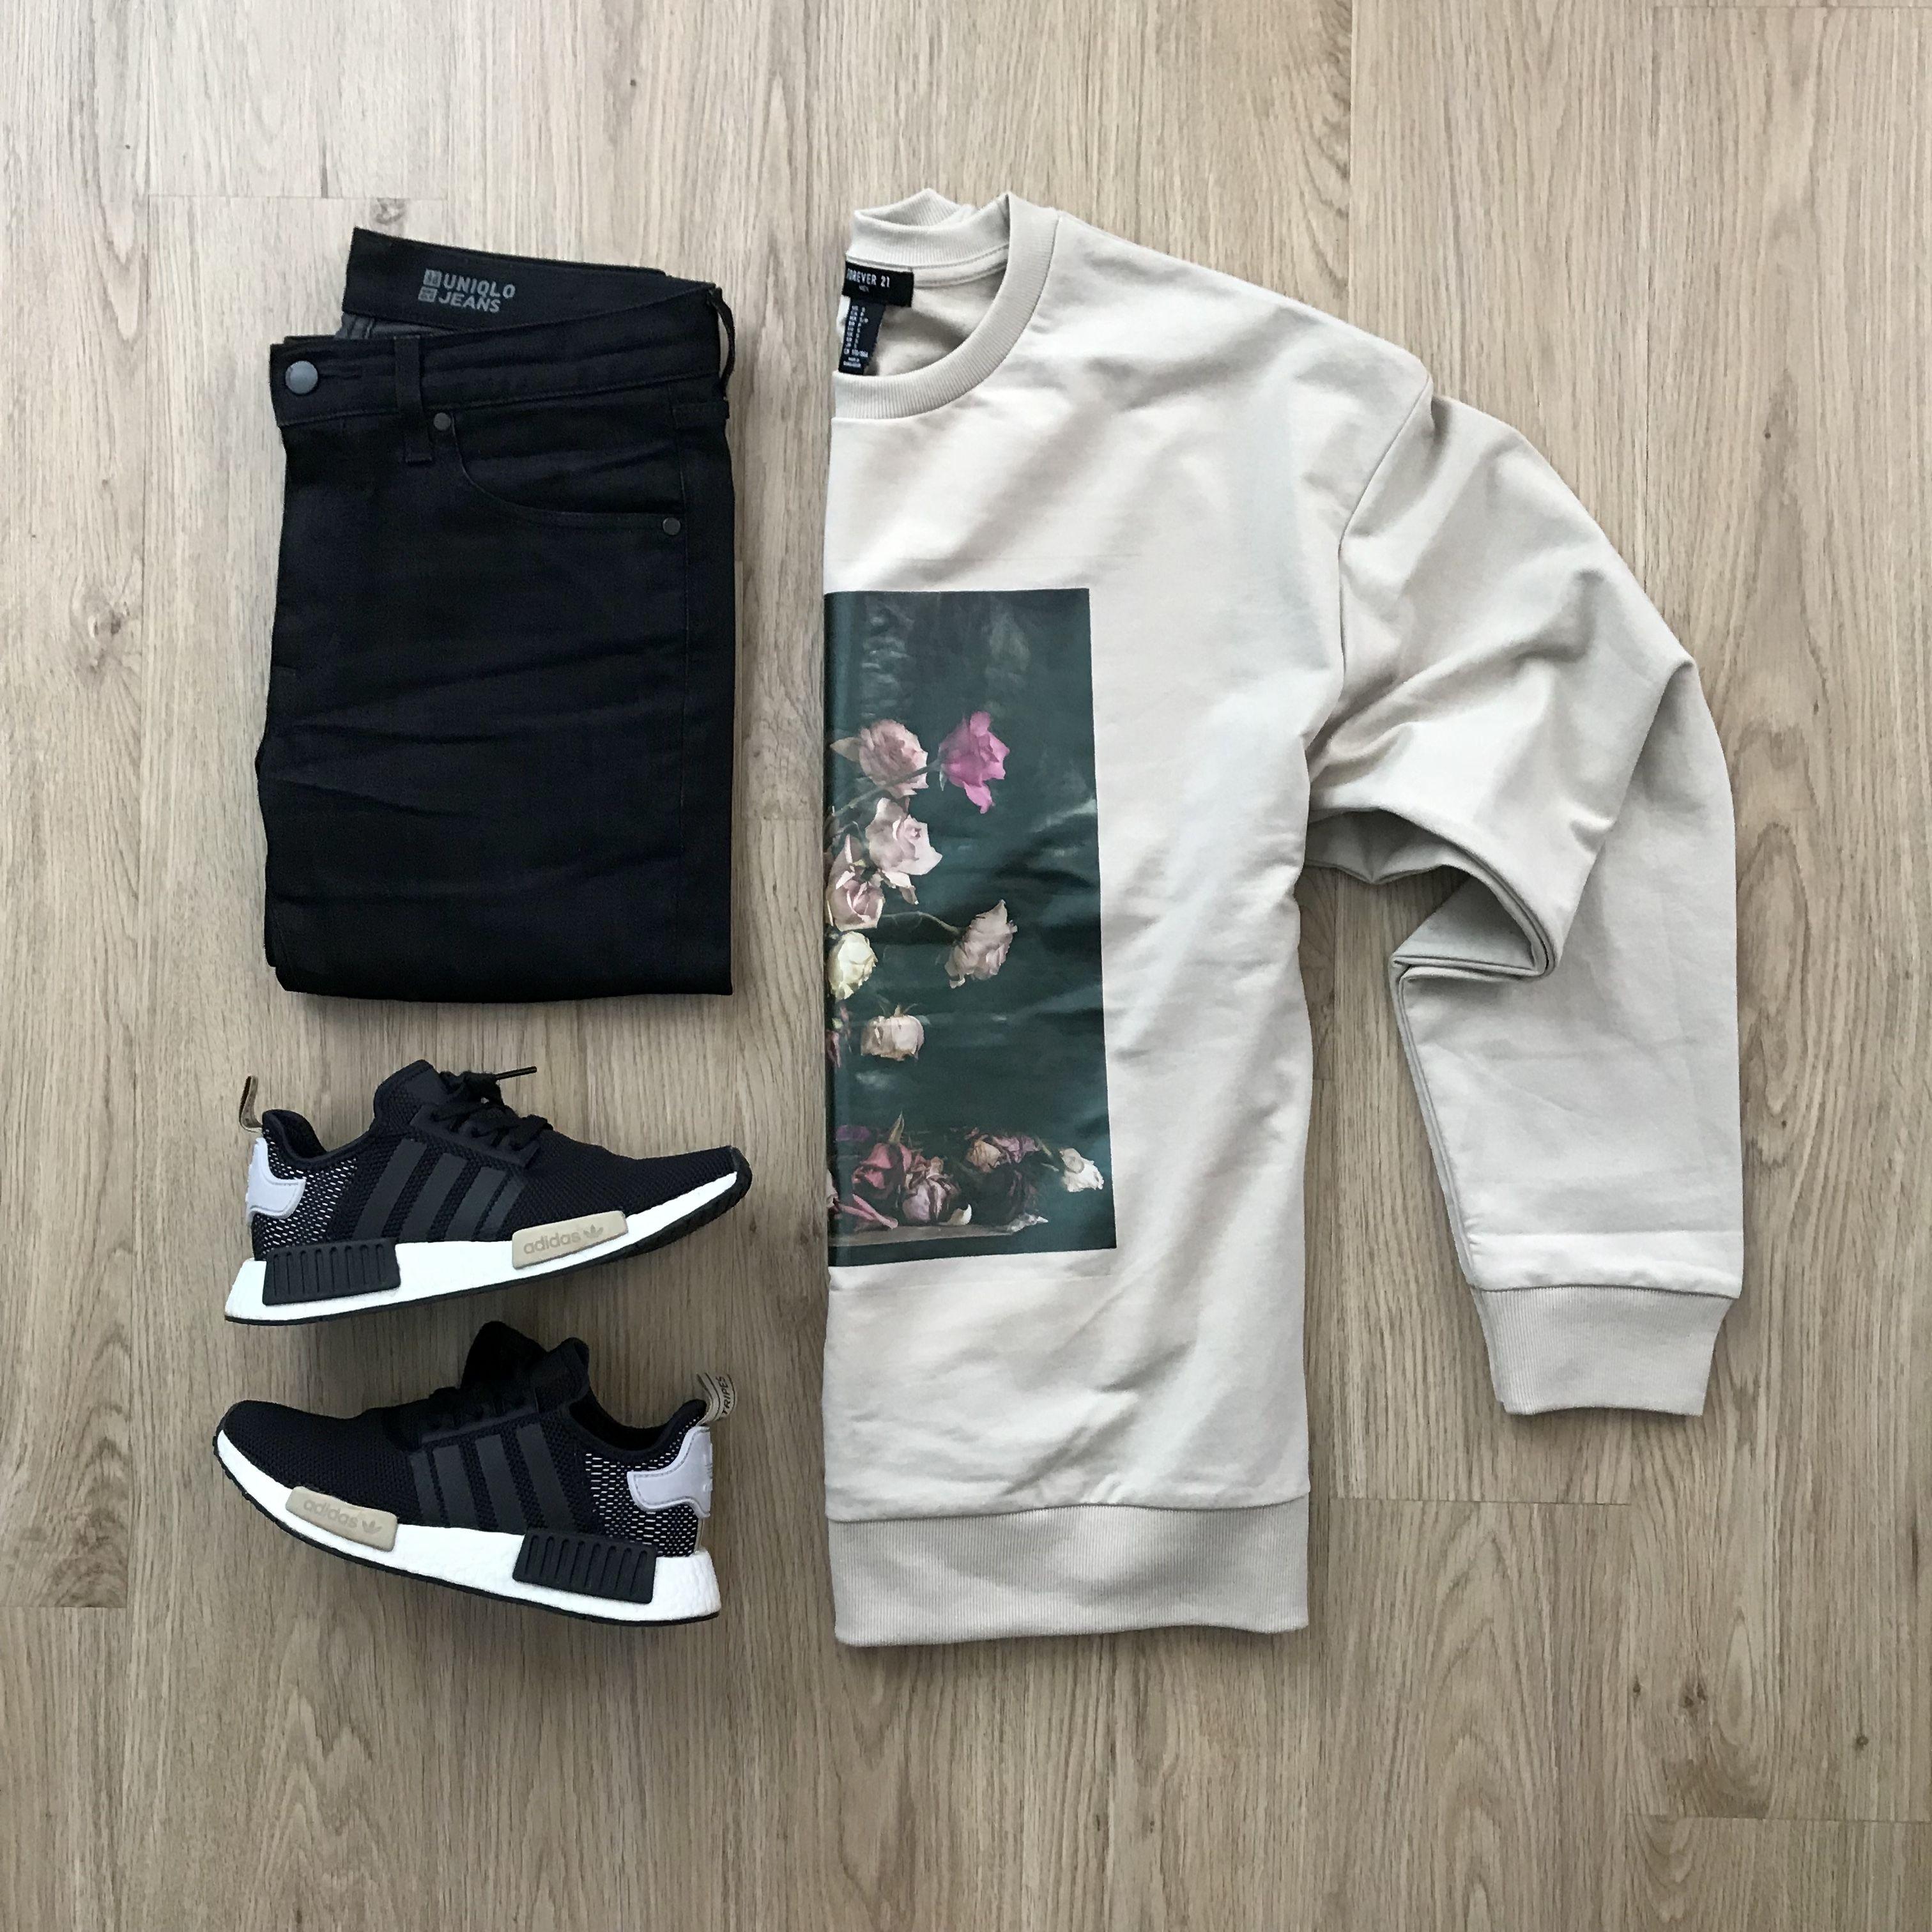 Épinglé sur Повсякденний одяг